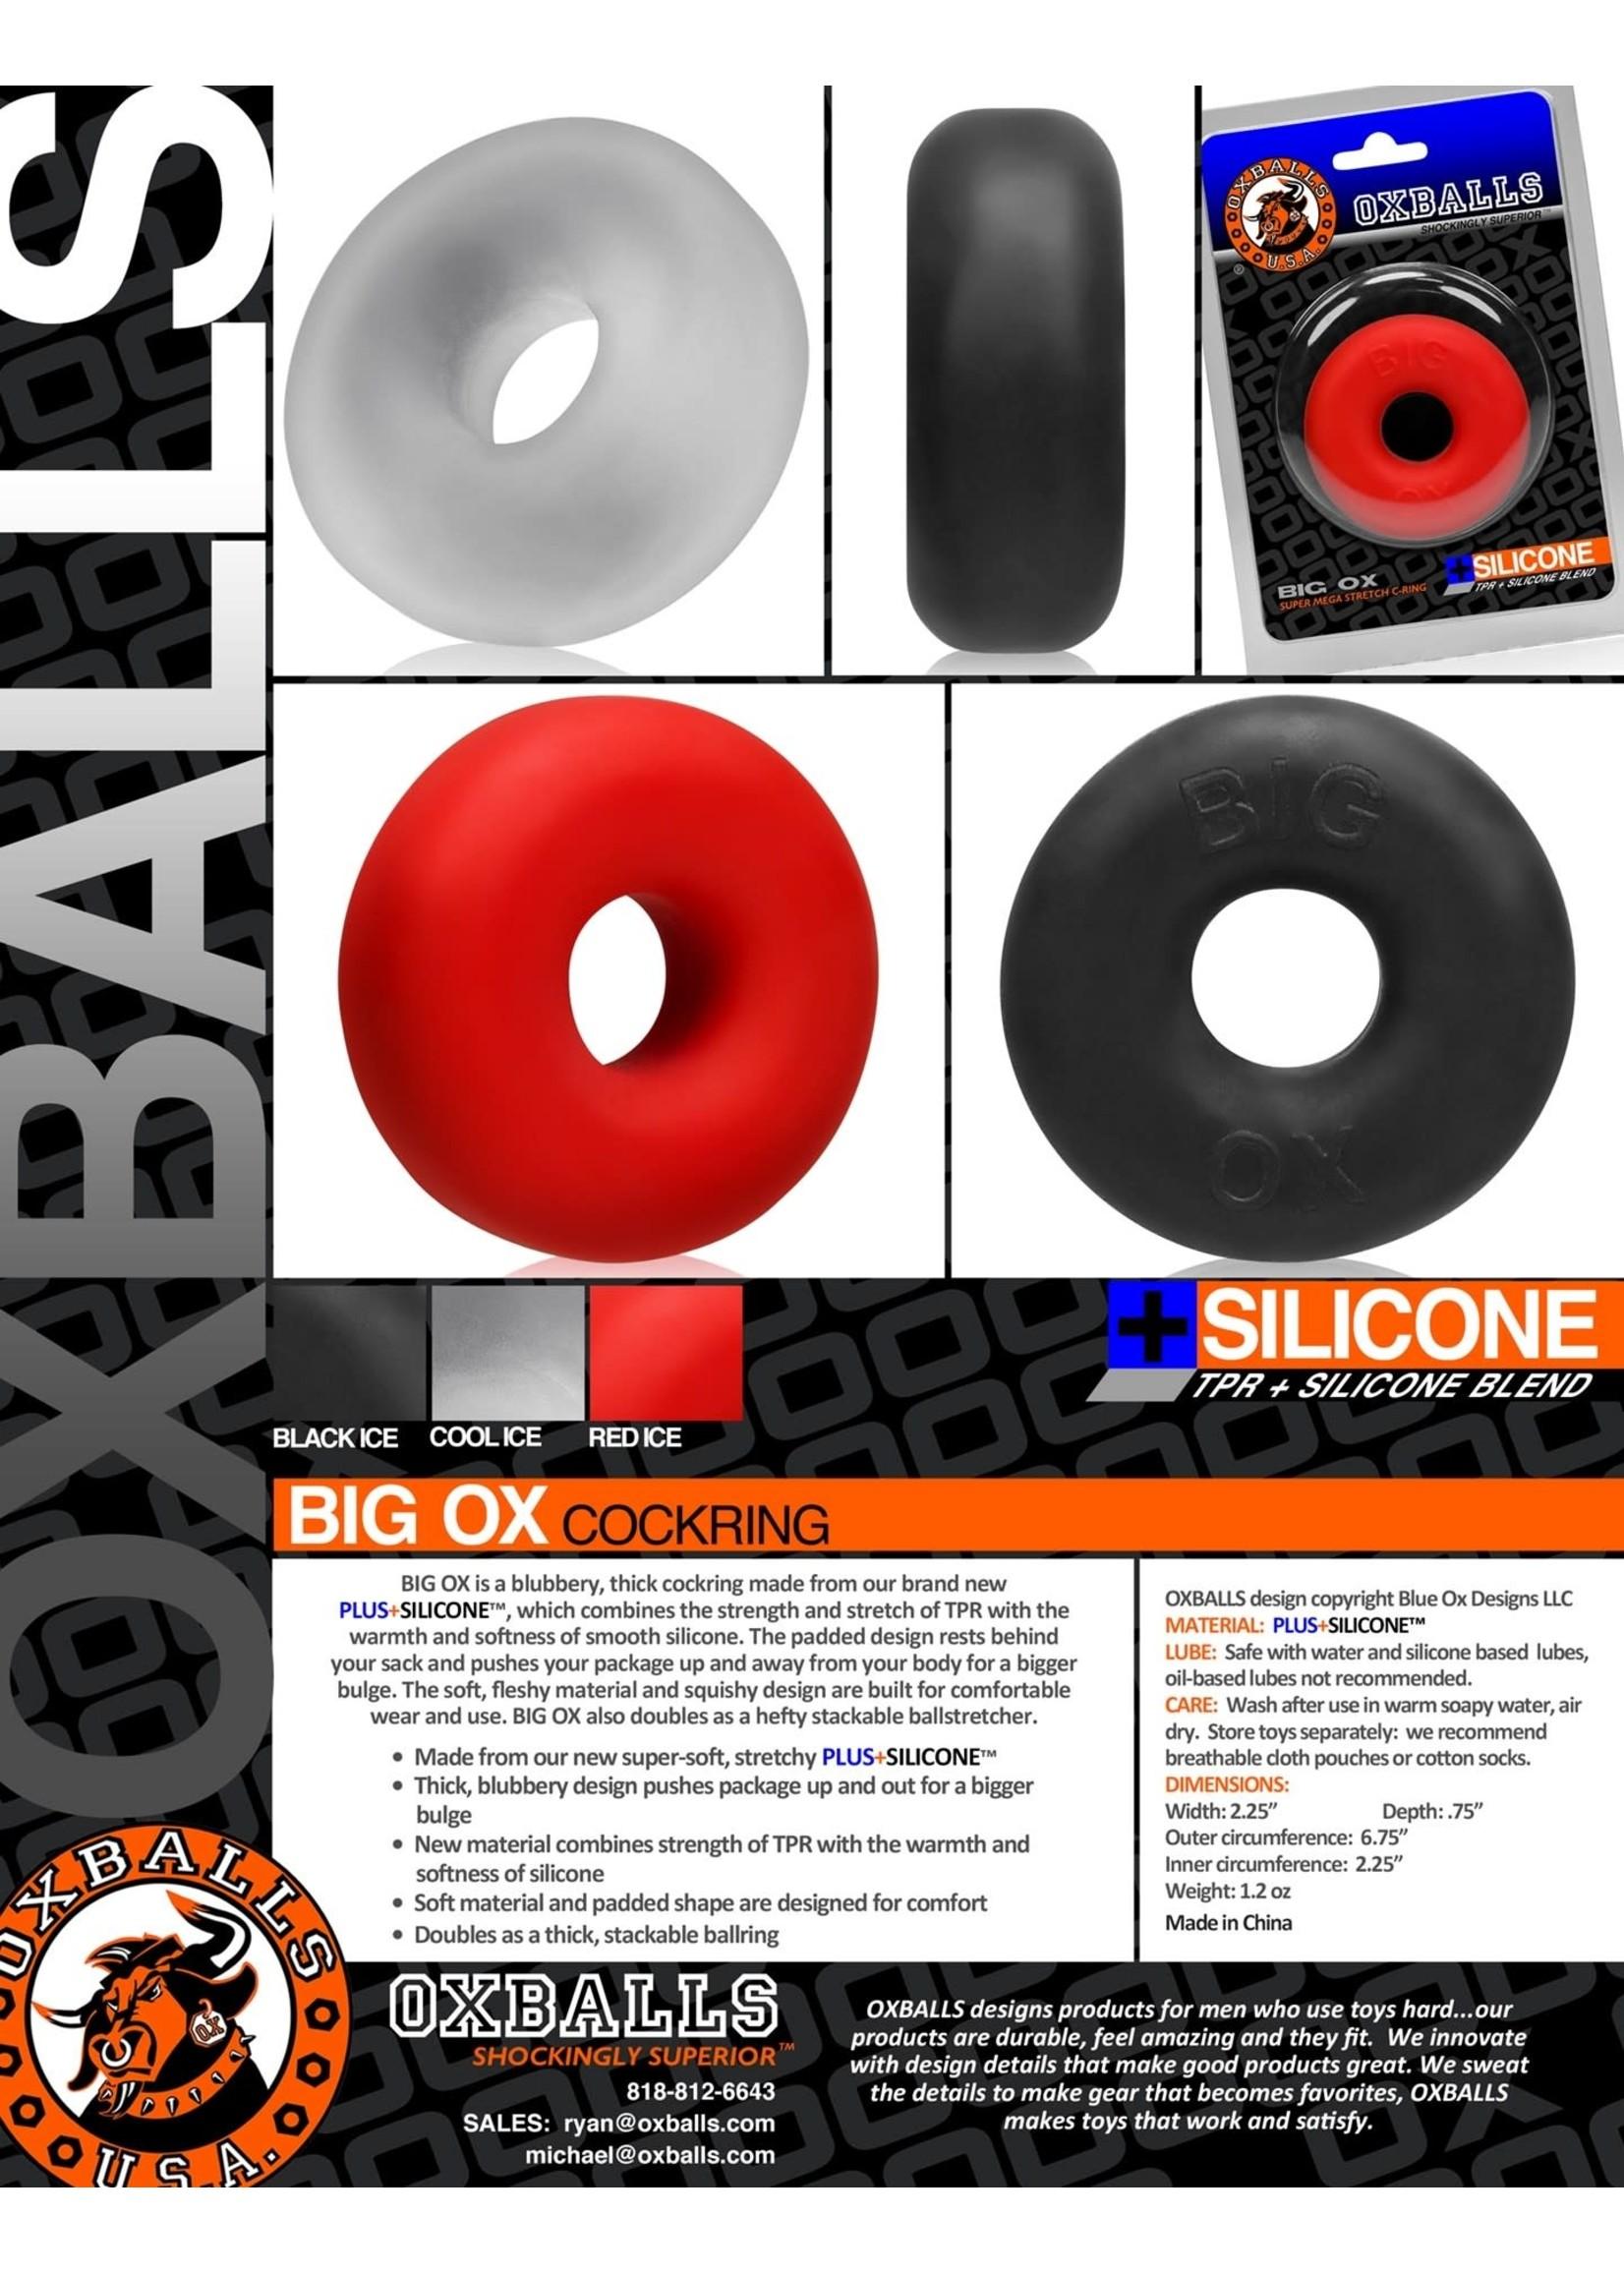 Oxballs Oxballs Big OX